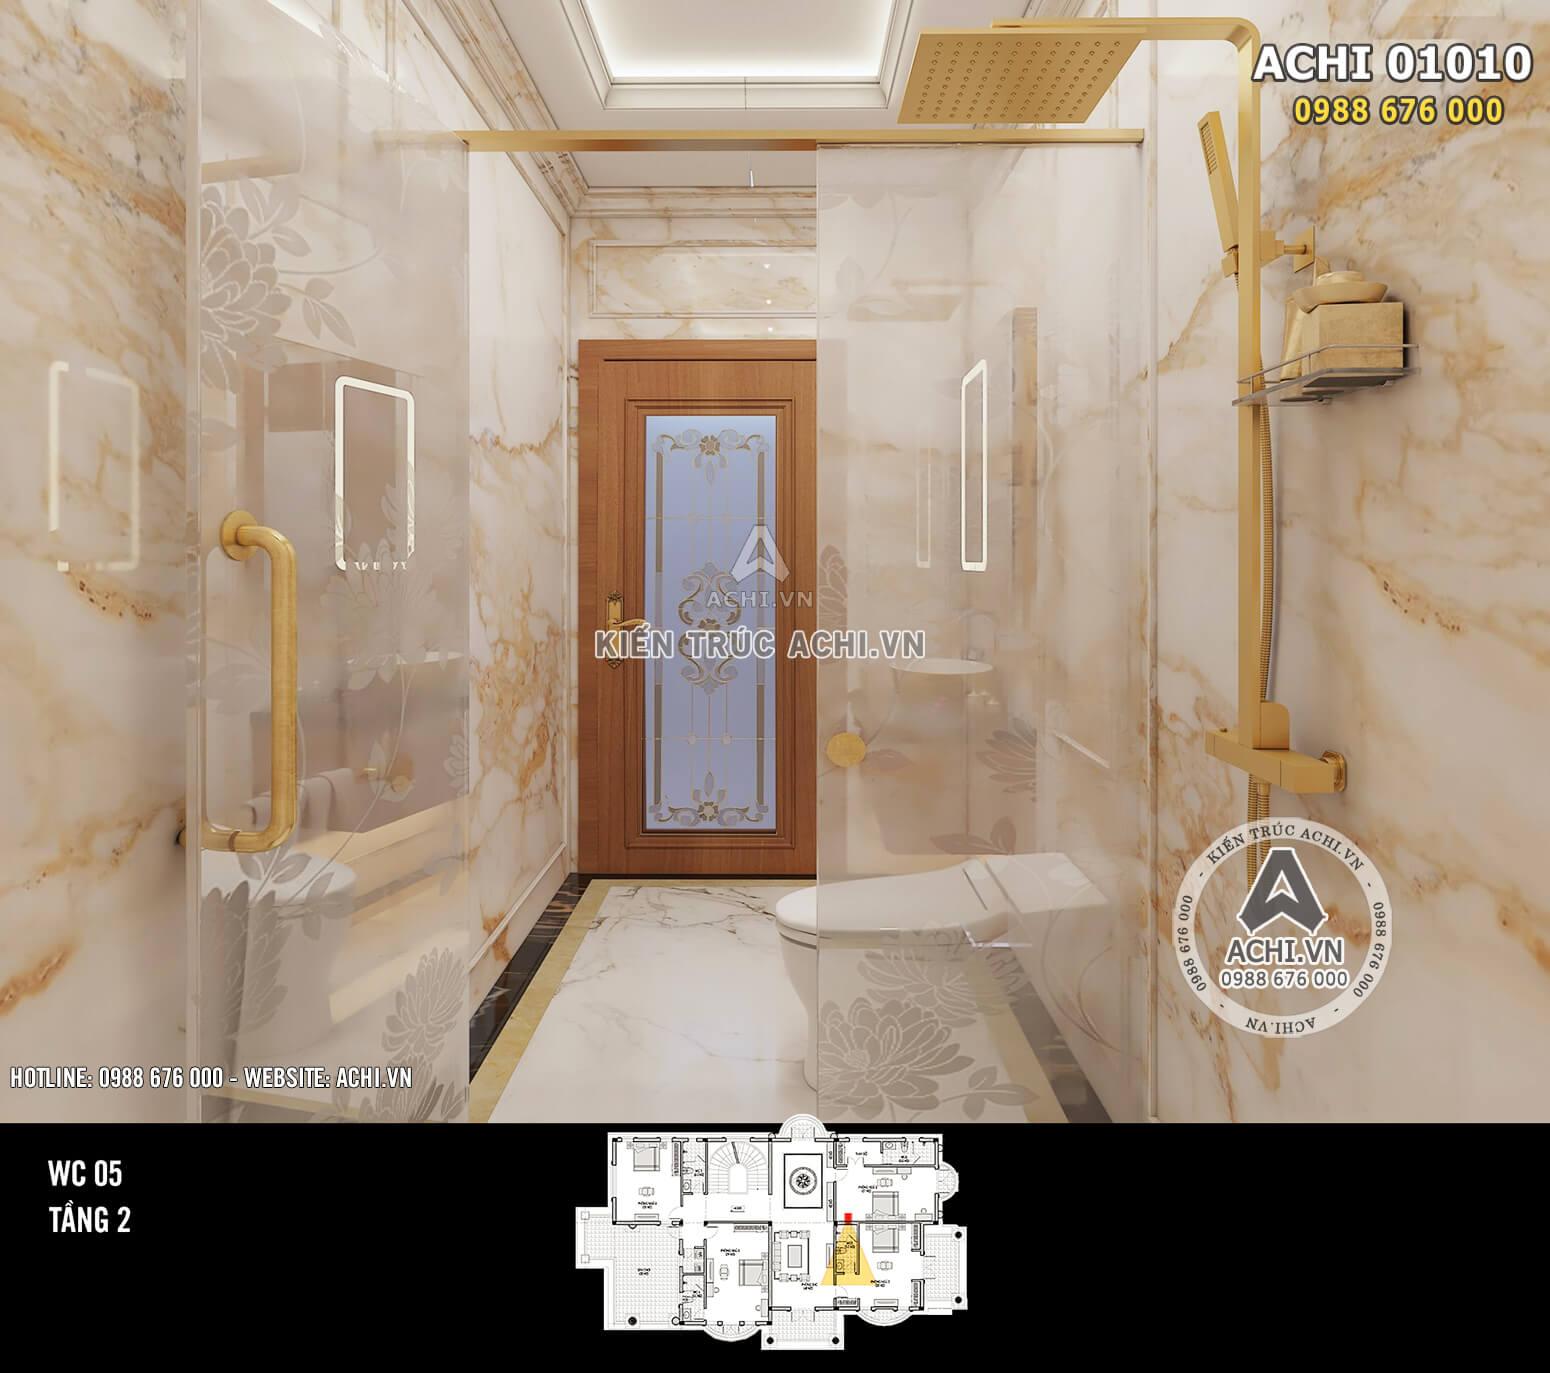 Hình ảnh: Thiết kế nội thất tân cổ điển - Phòng WC - 02